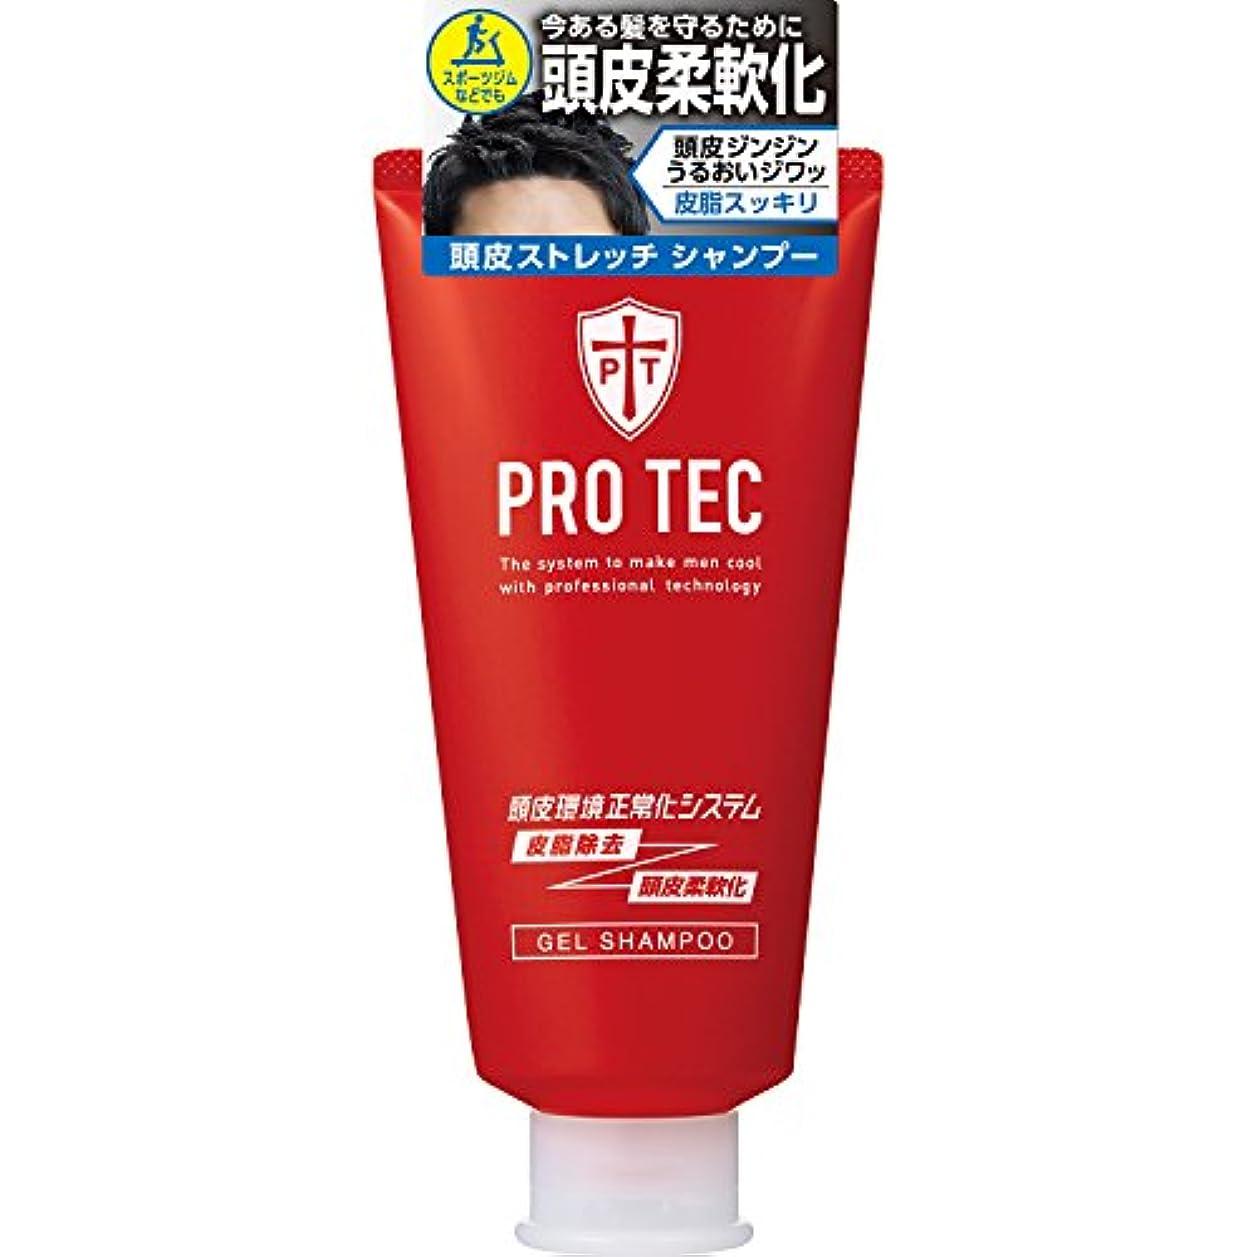 エスカレーターエクスタシードラッグPRO TEC(プロテク) 頭皮ストレッチ シャンプー チューブ 150g(医薬部外品)